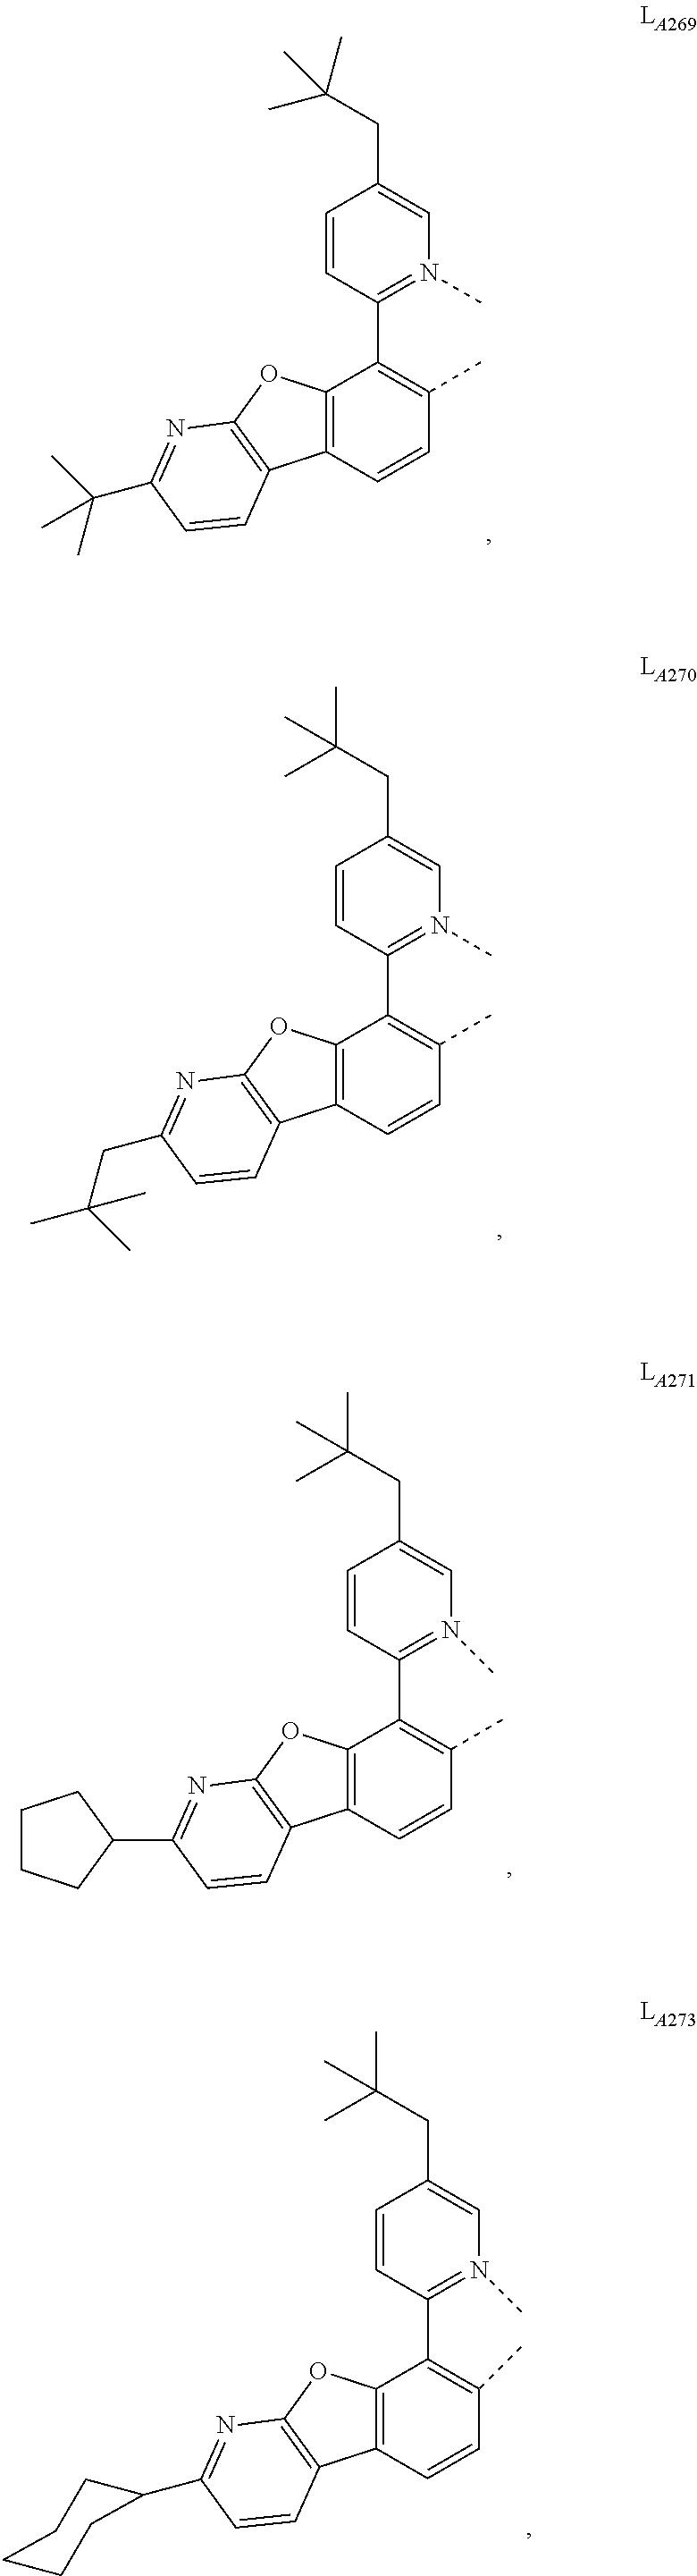 Figure US20160049599A1-20160218-C00072